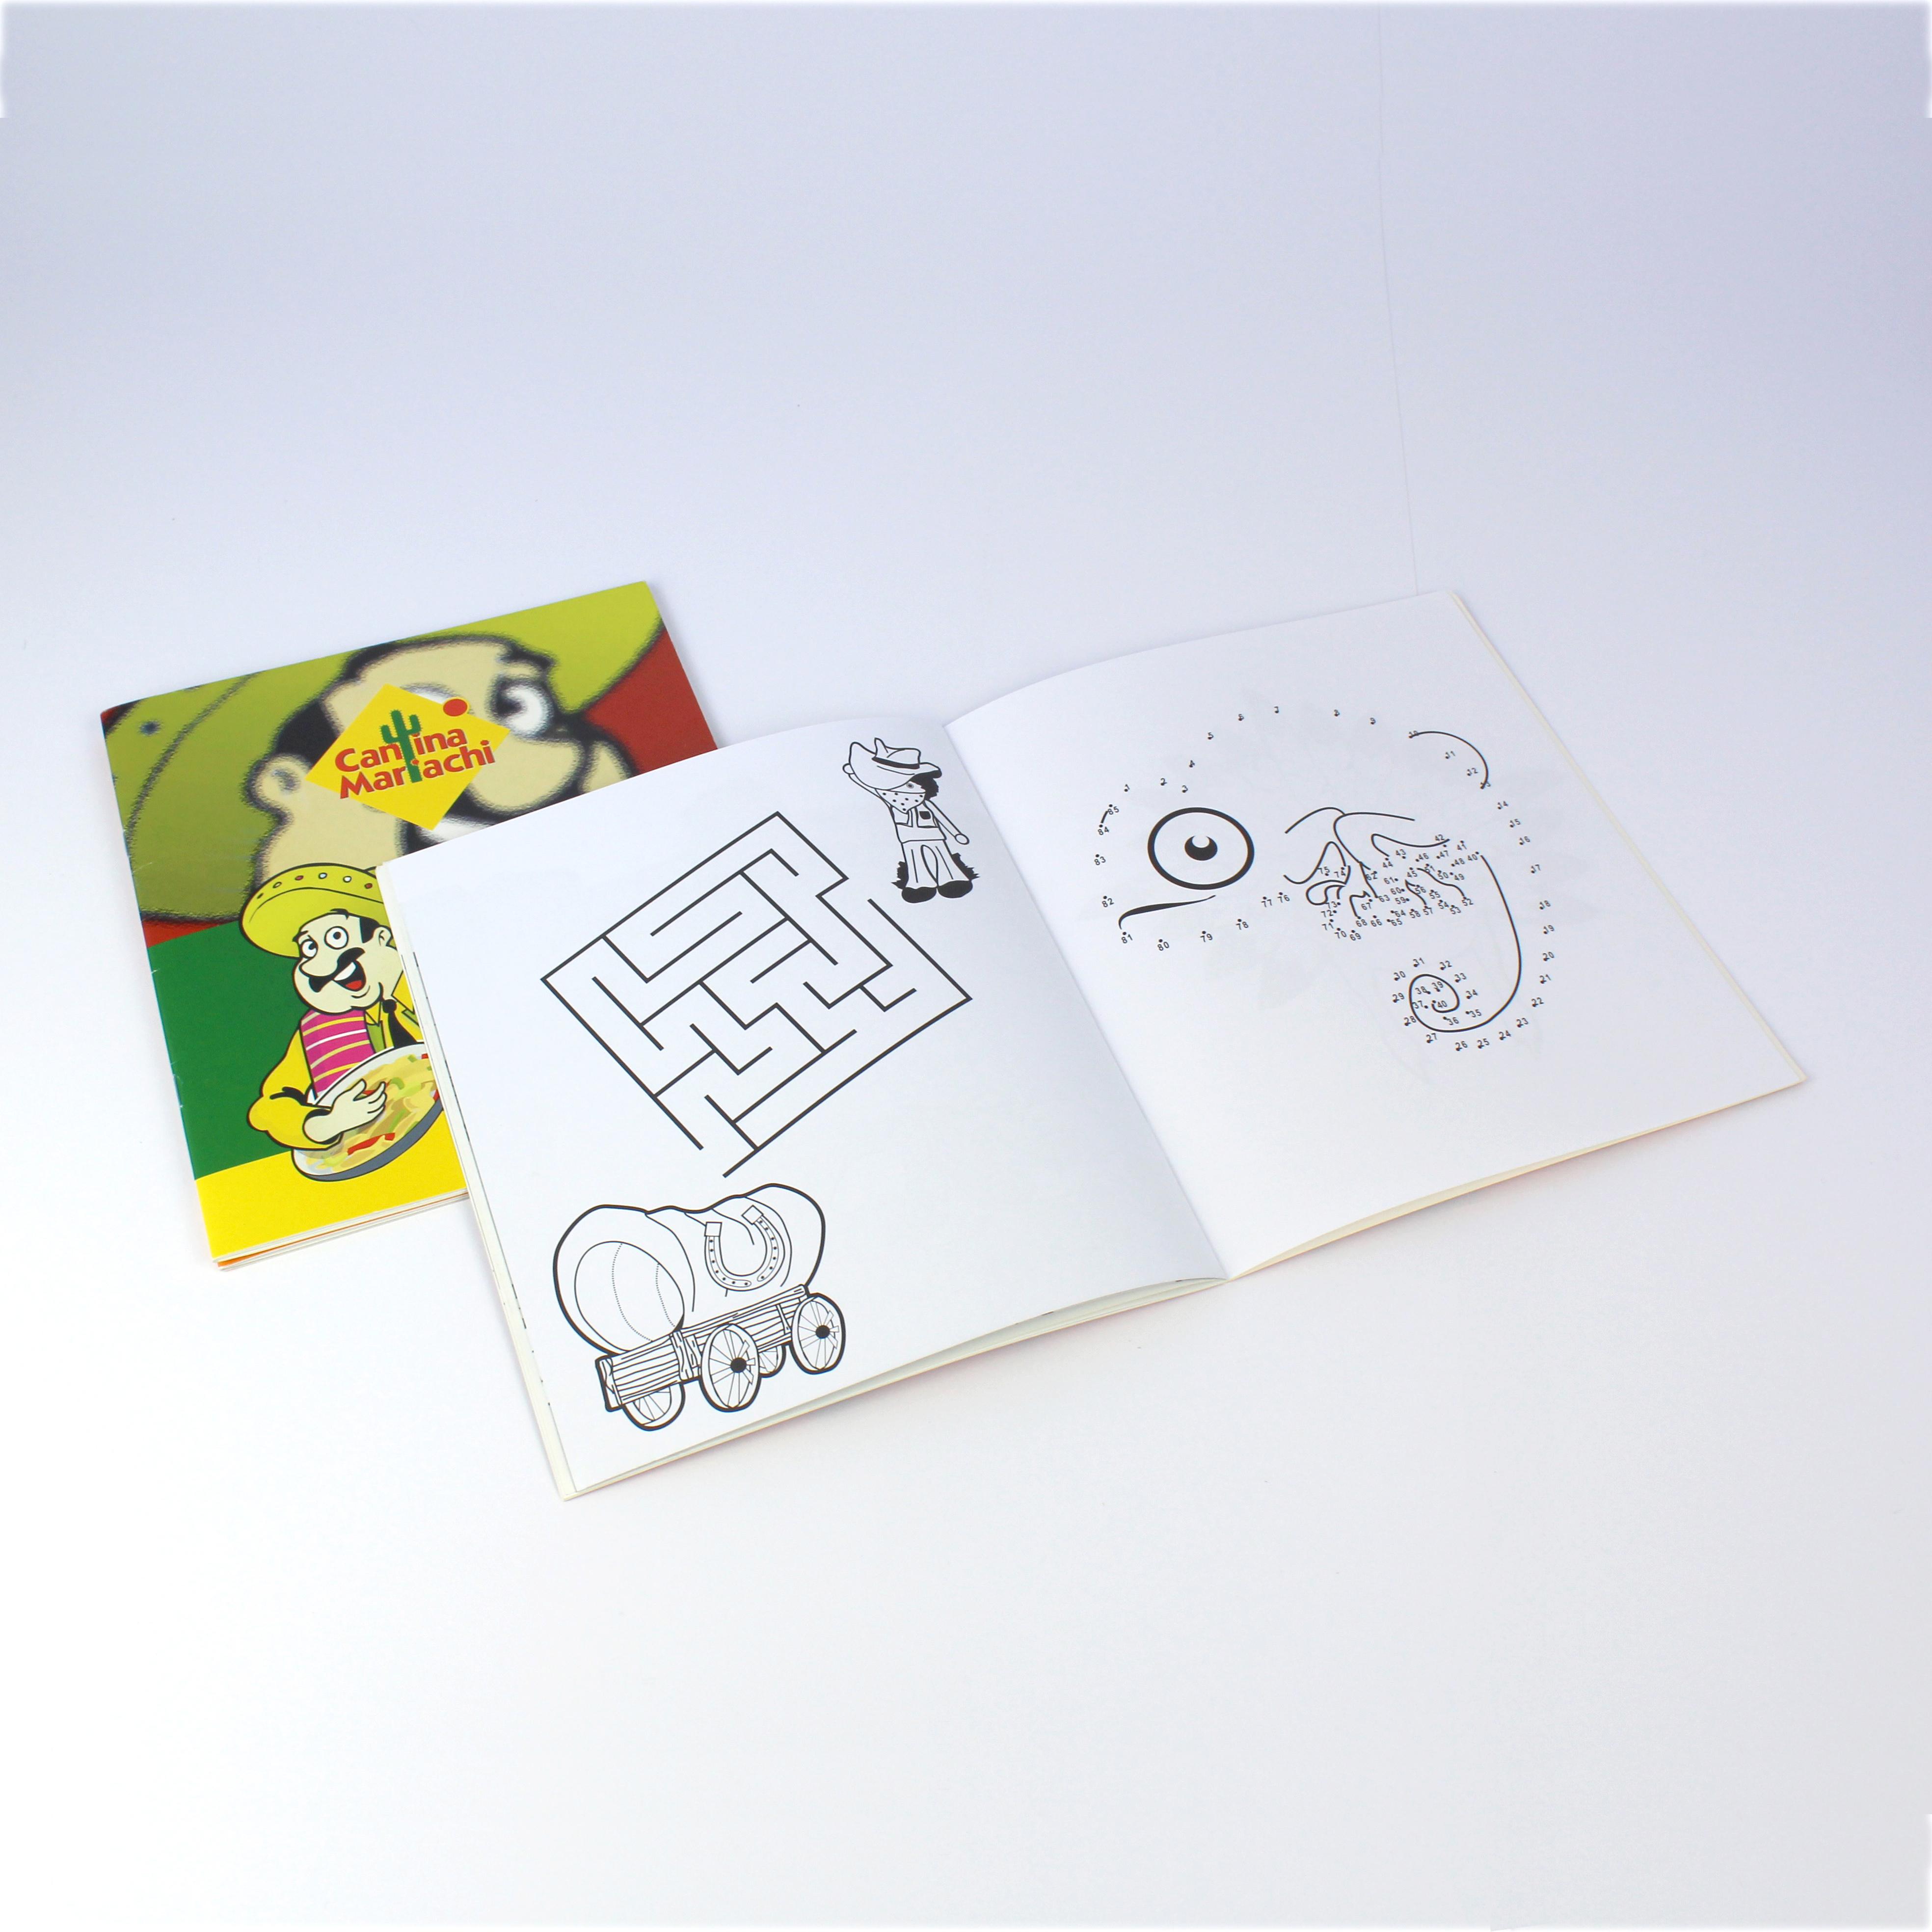 Brintel catálogo de entretenimiento infantil para restaurante mariachi